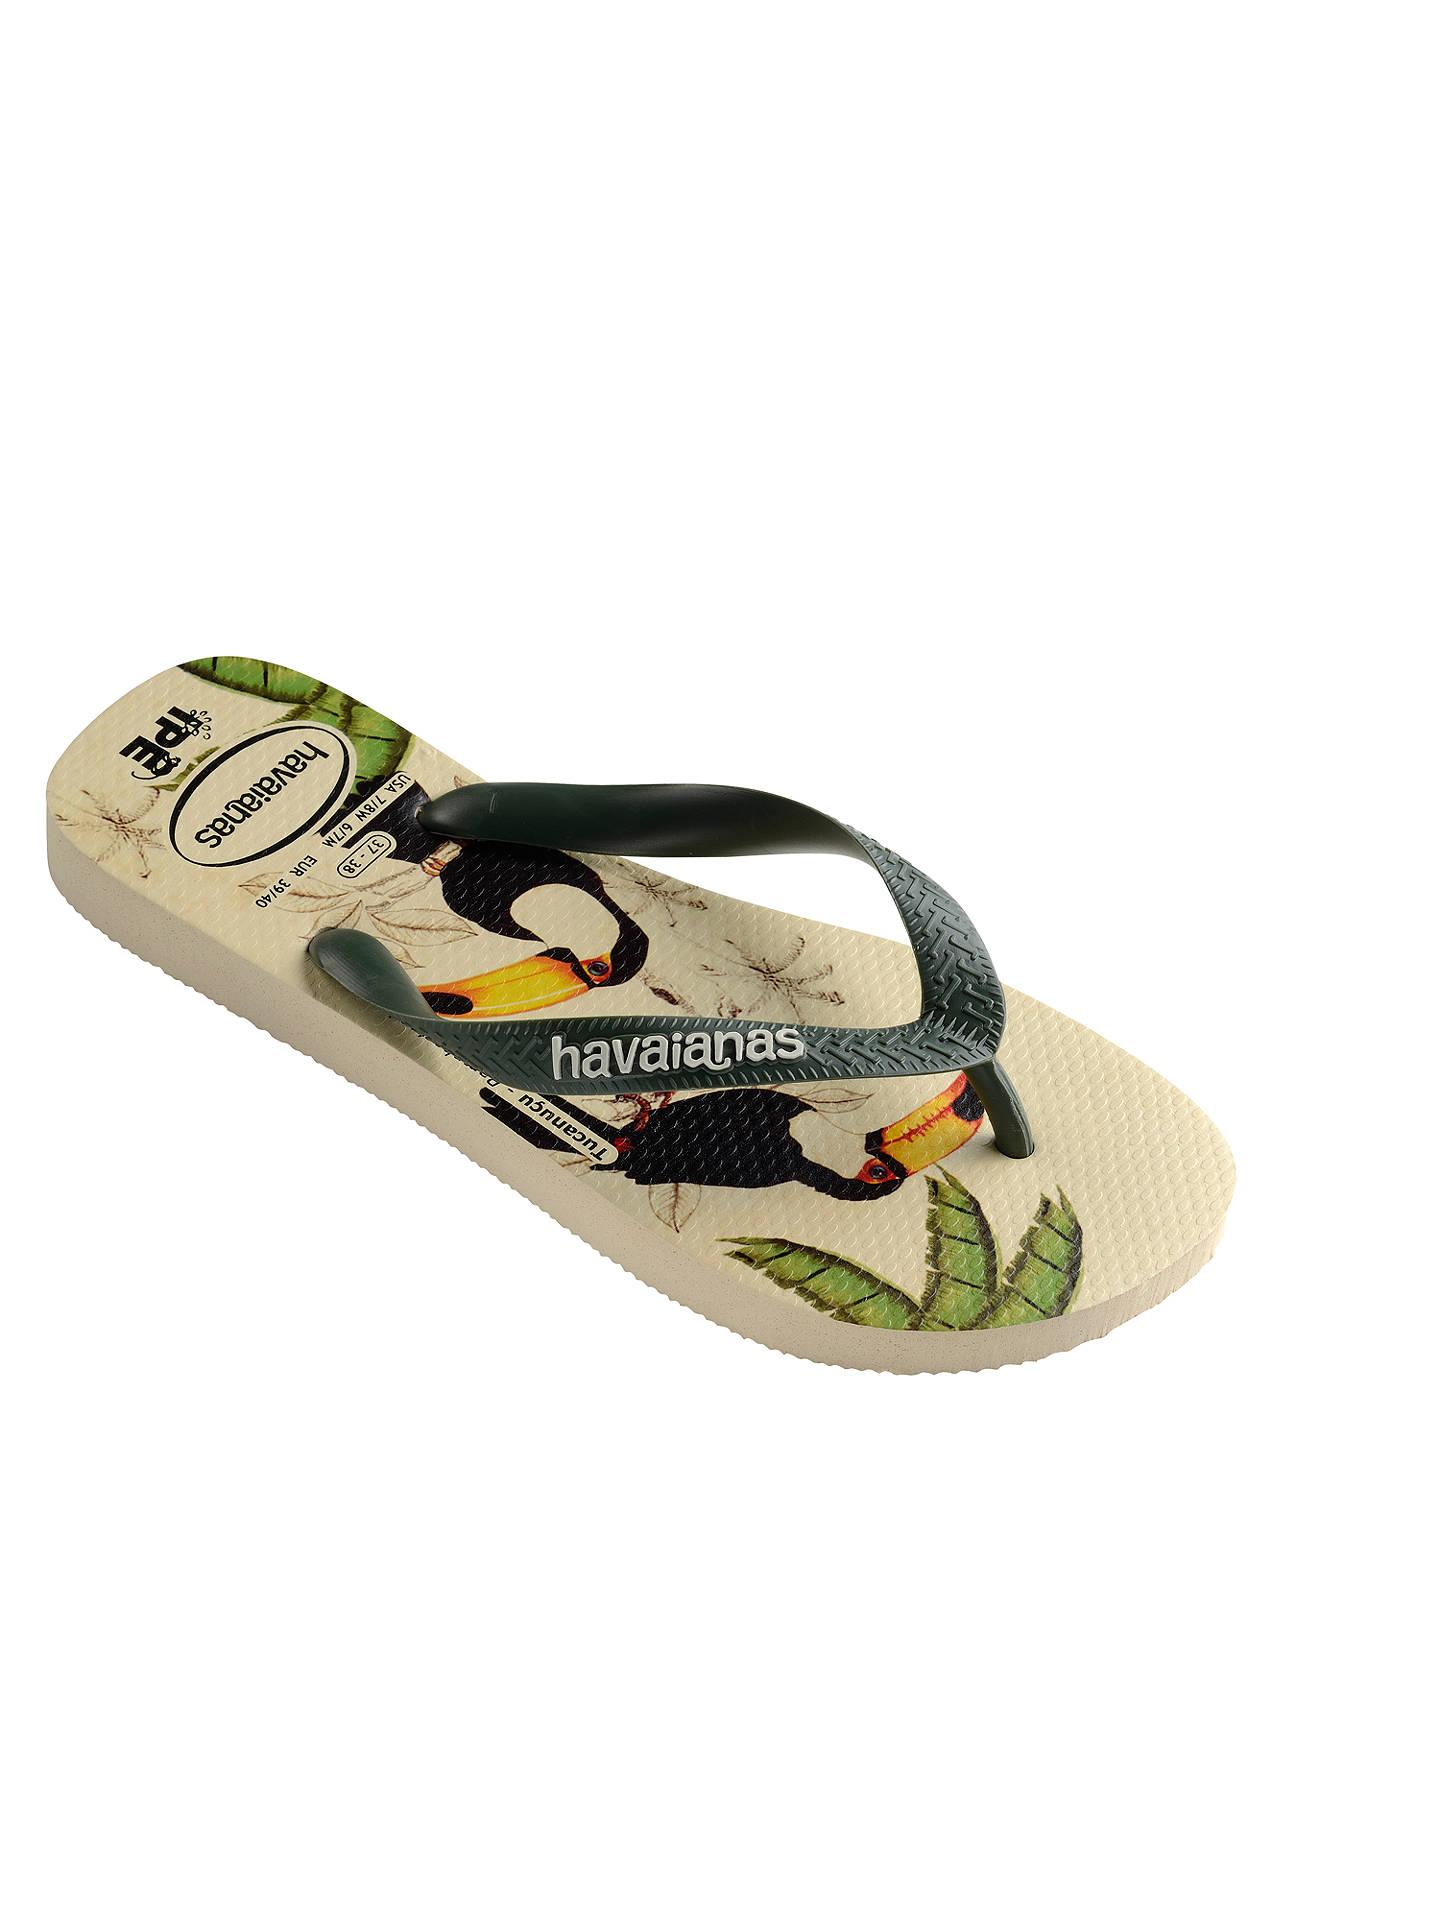 3feb328b1c8182 Buy Havaianas Ipe Bird Print Mix Flip Flops